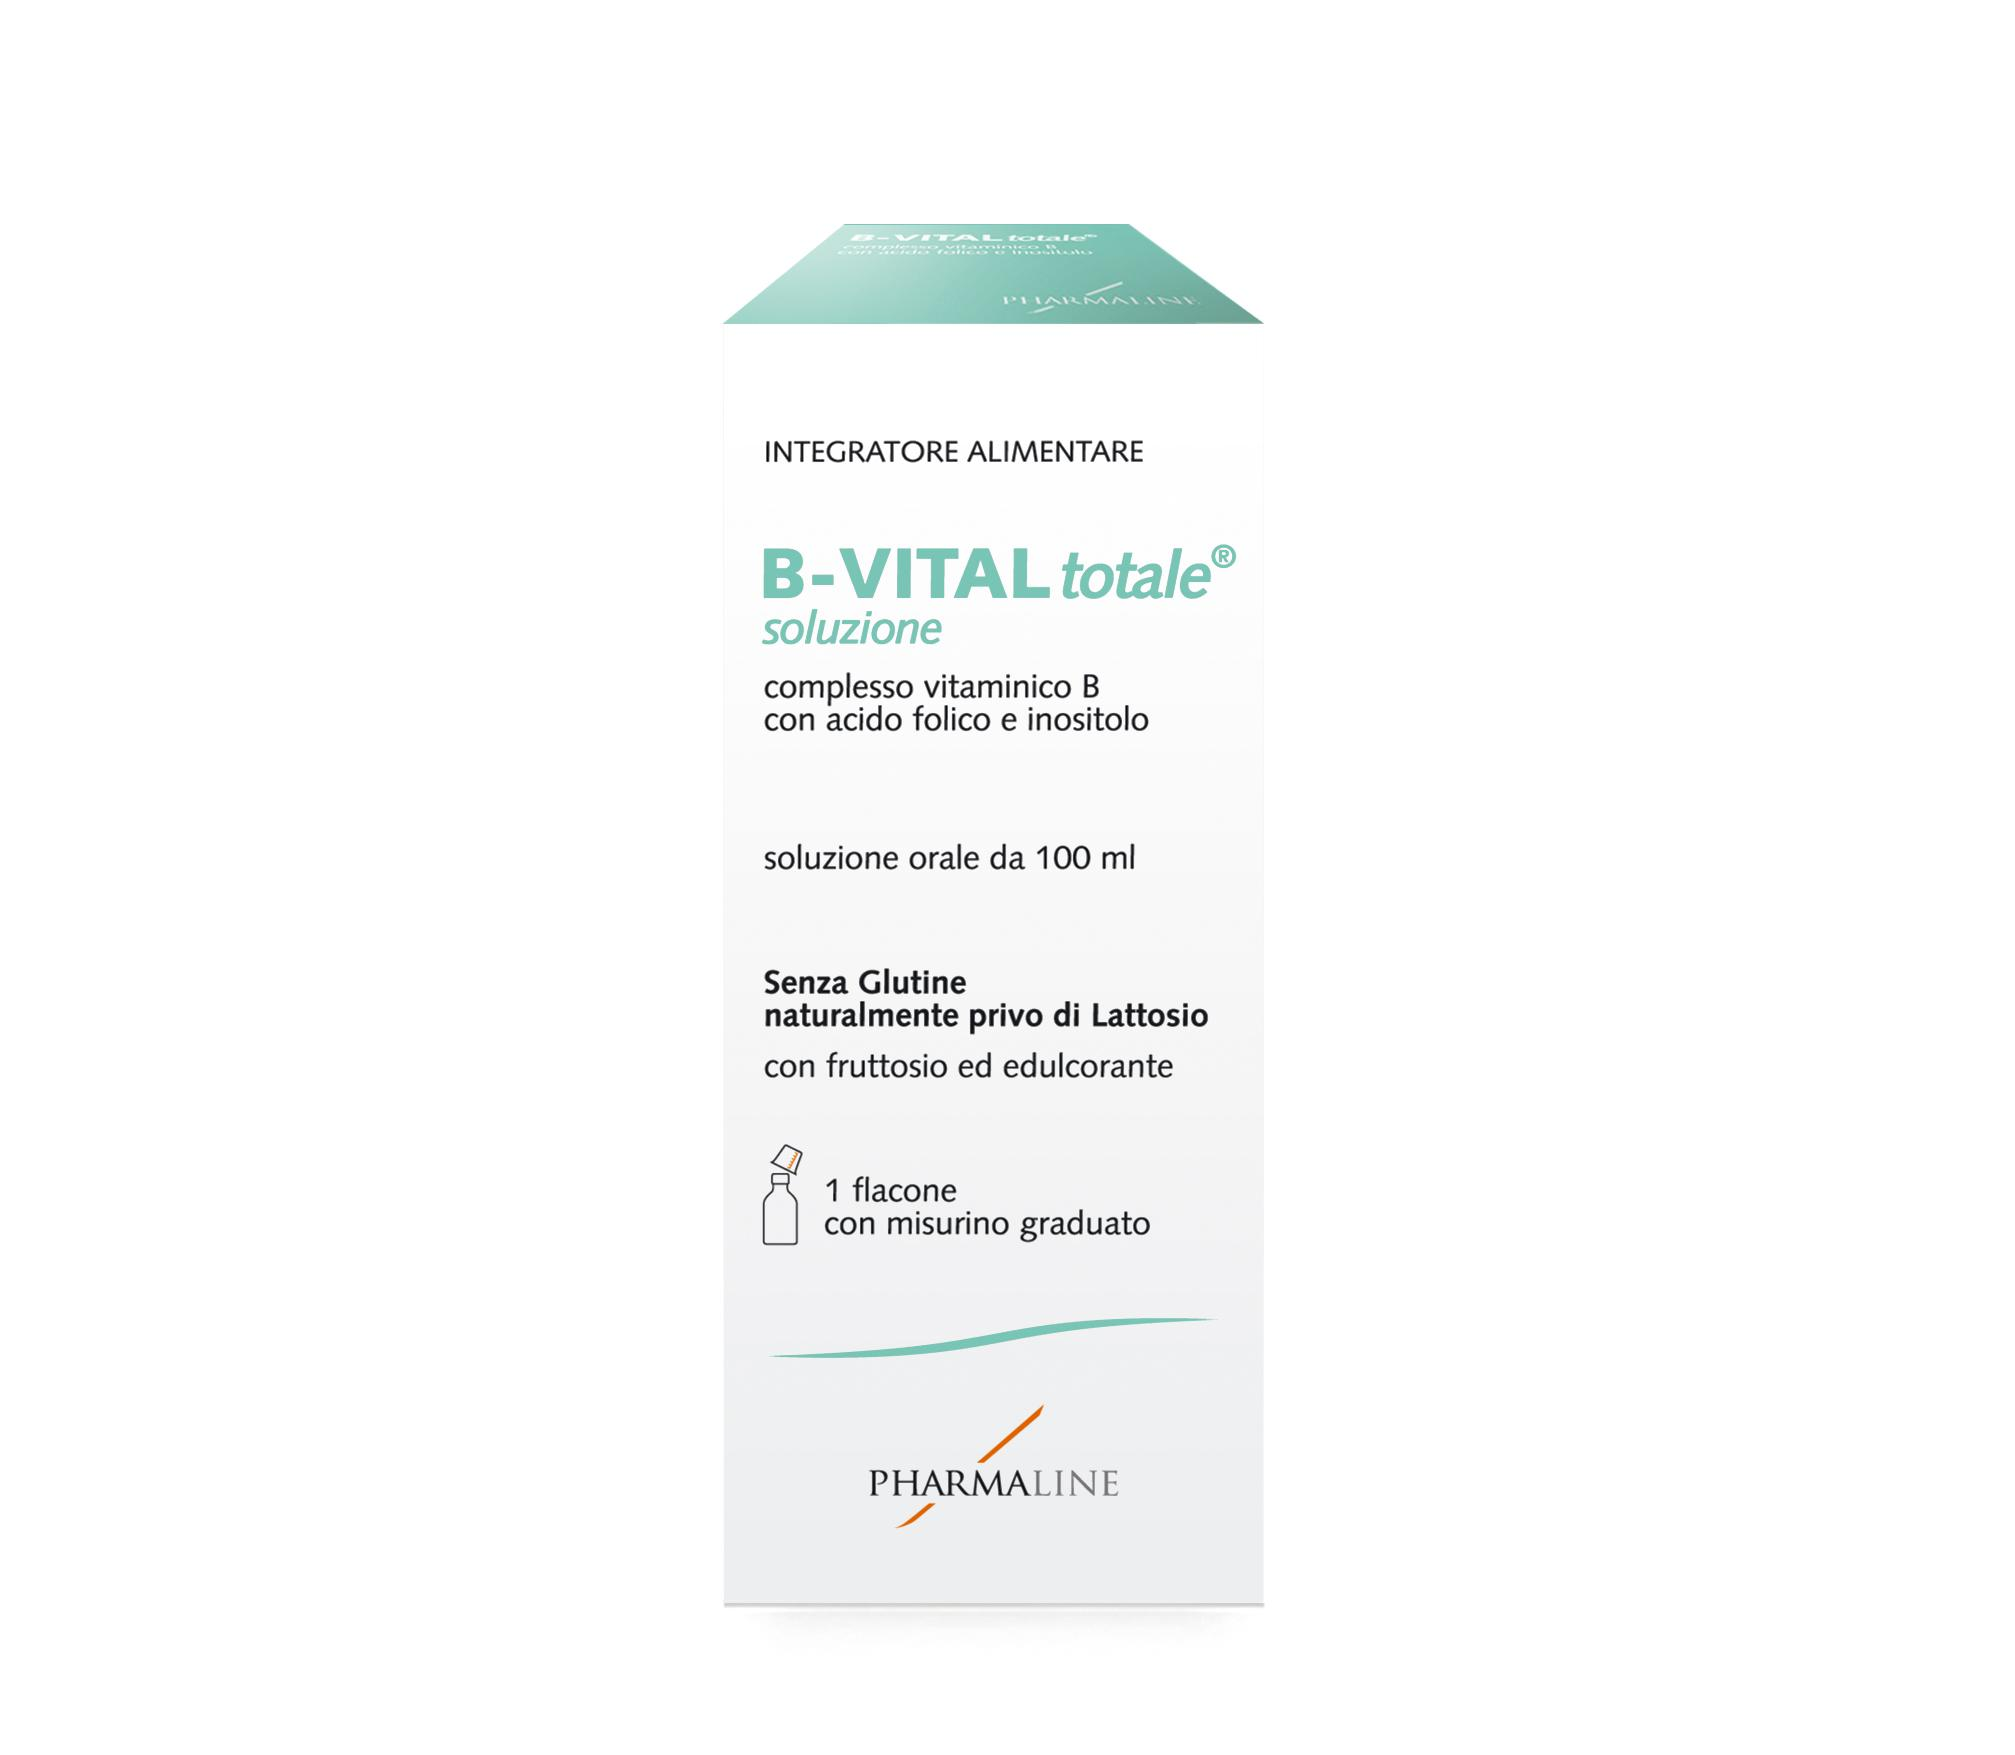 B-VITAL TOTALE SOLUZIONE ORALE